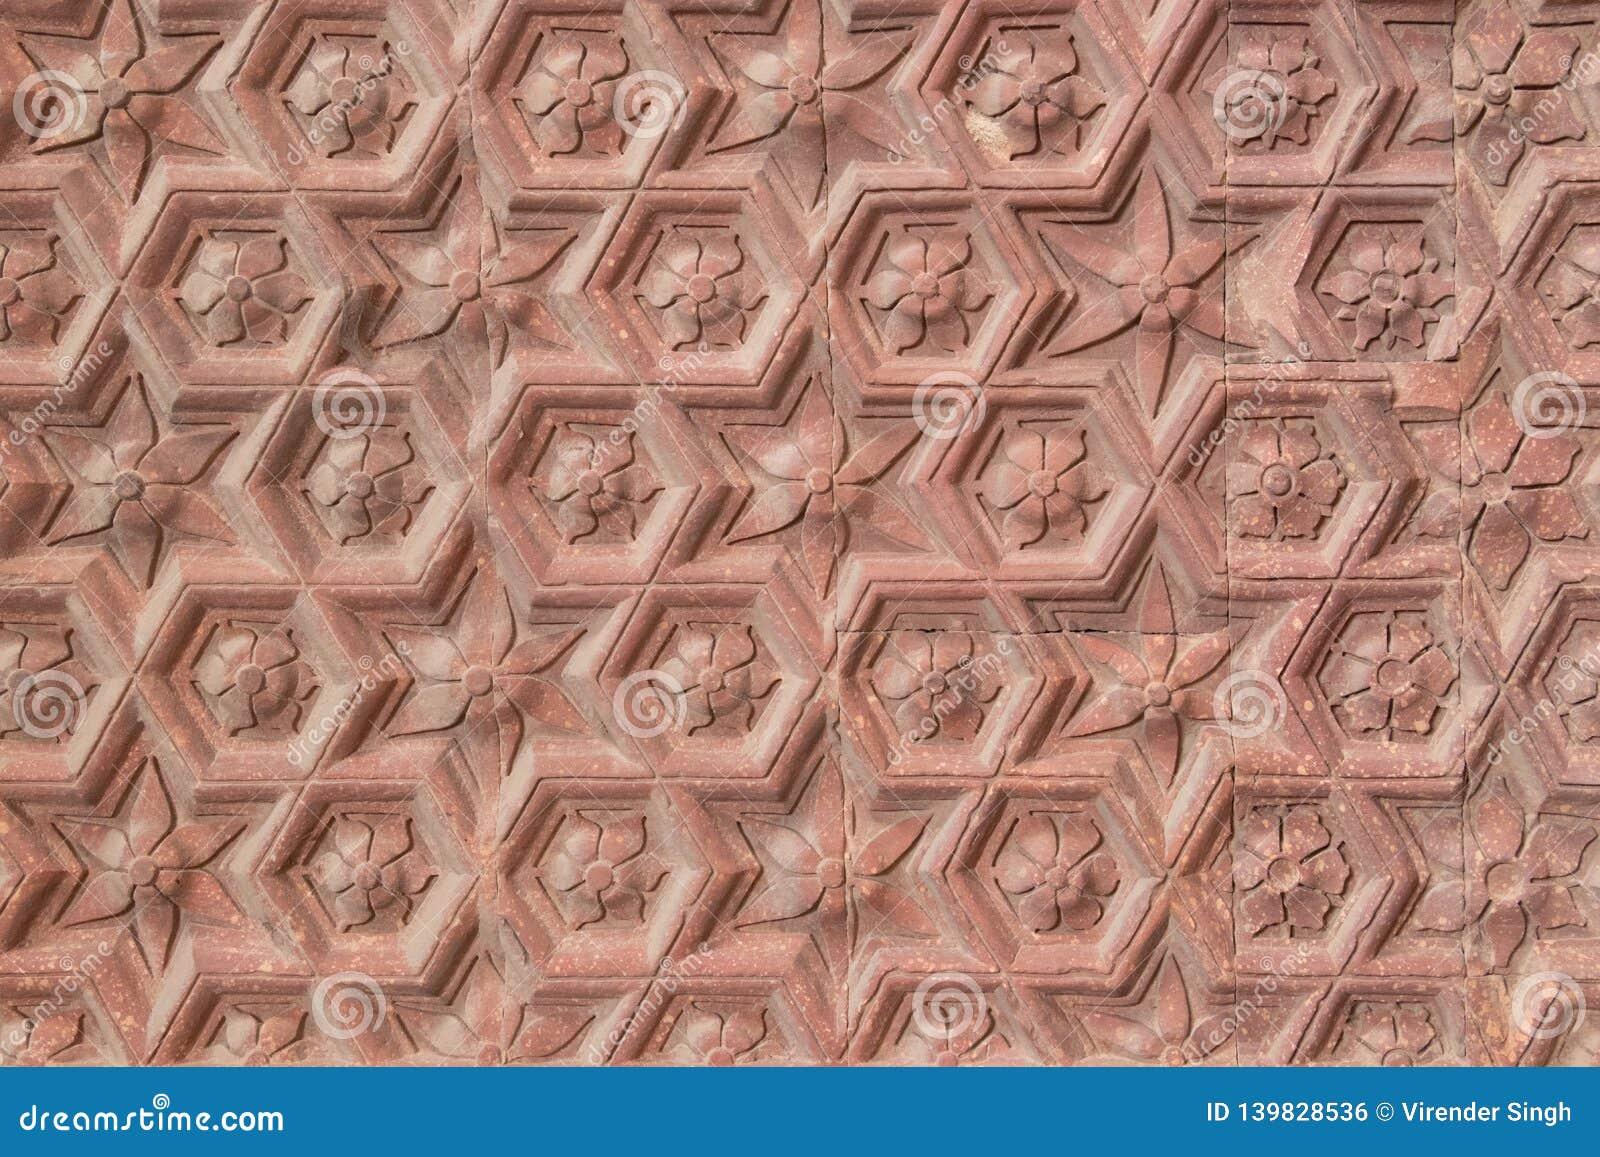 Ancient qutub minar wall pattern